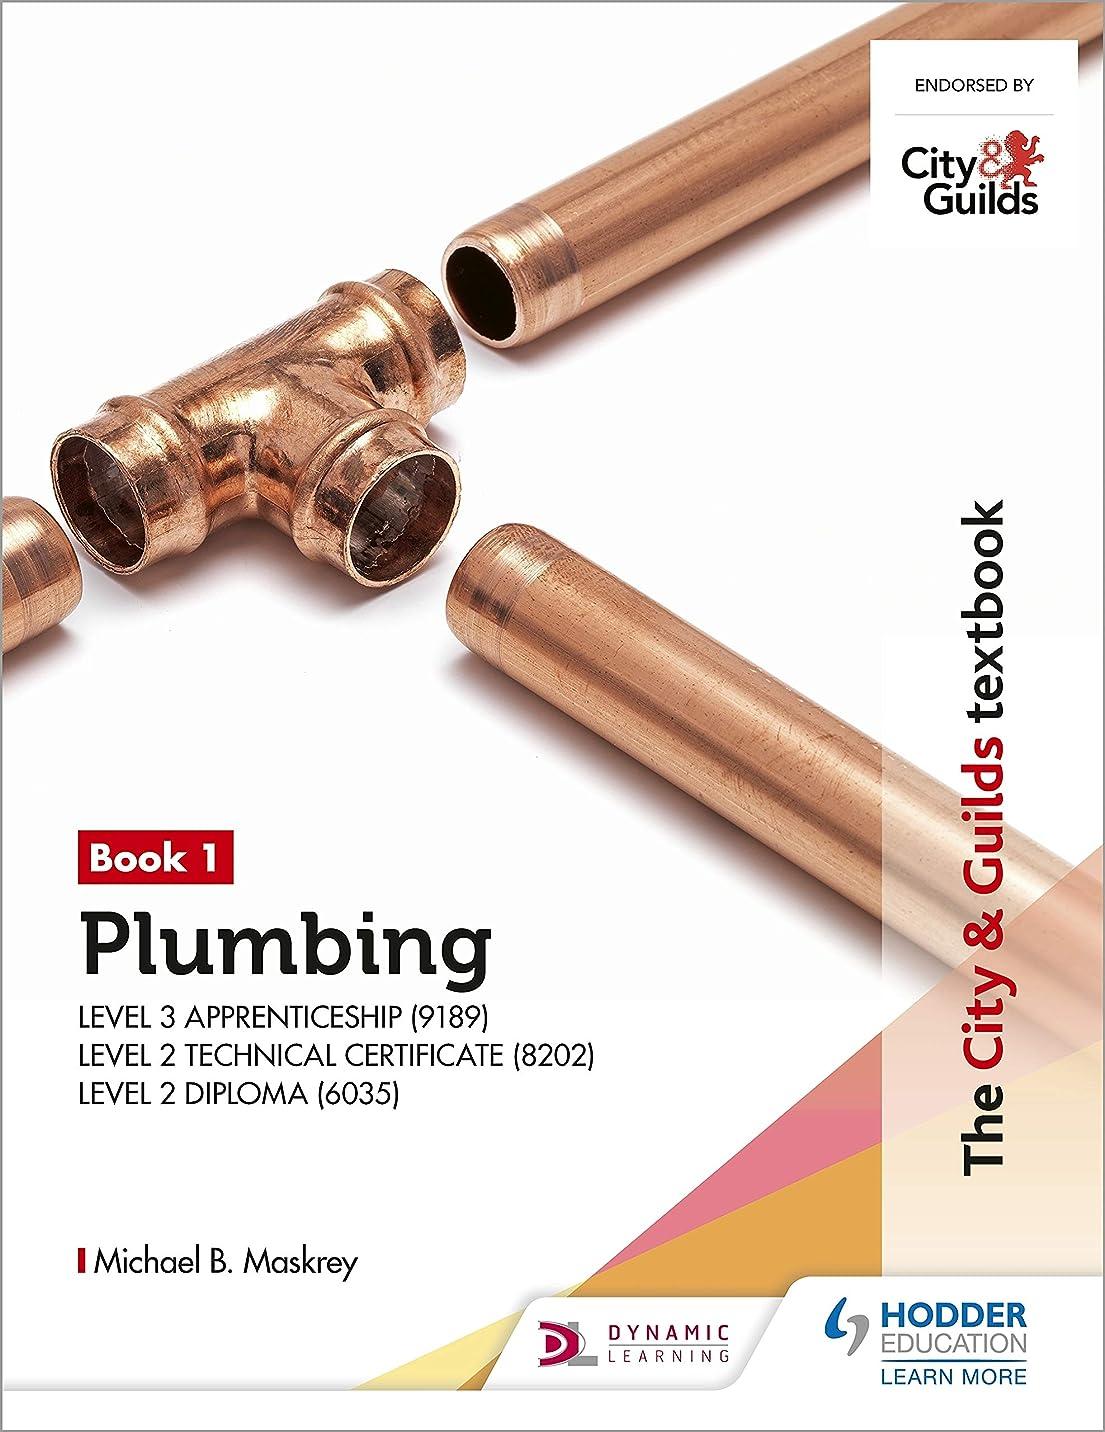 寄り添う調べる肉The City & Guilds Textbook: Plumbing Book 1 for the Level 3 Apprenticeship (9189), Level 2 Technical Certificate (8202) & Level 2 Diploma (6035): for the ... (City & Guilds Textbooks) (English Edition)